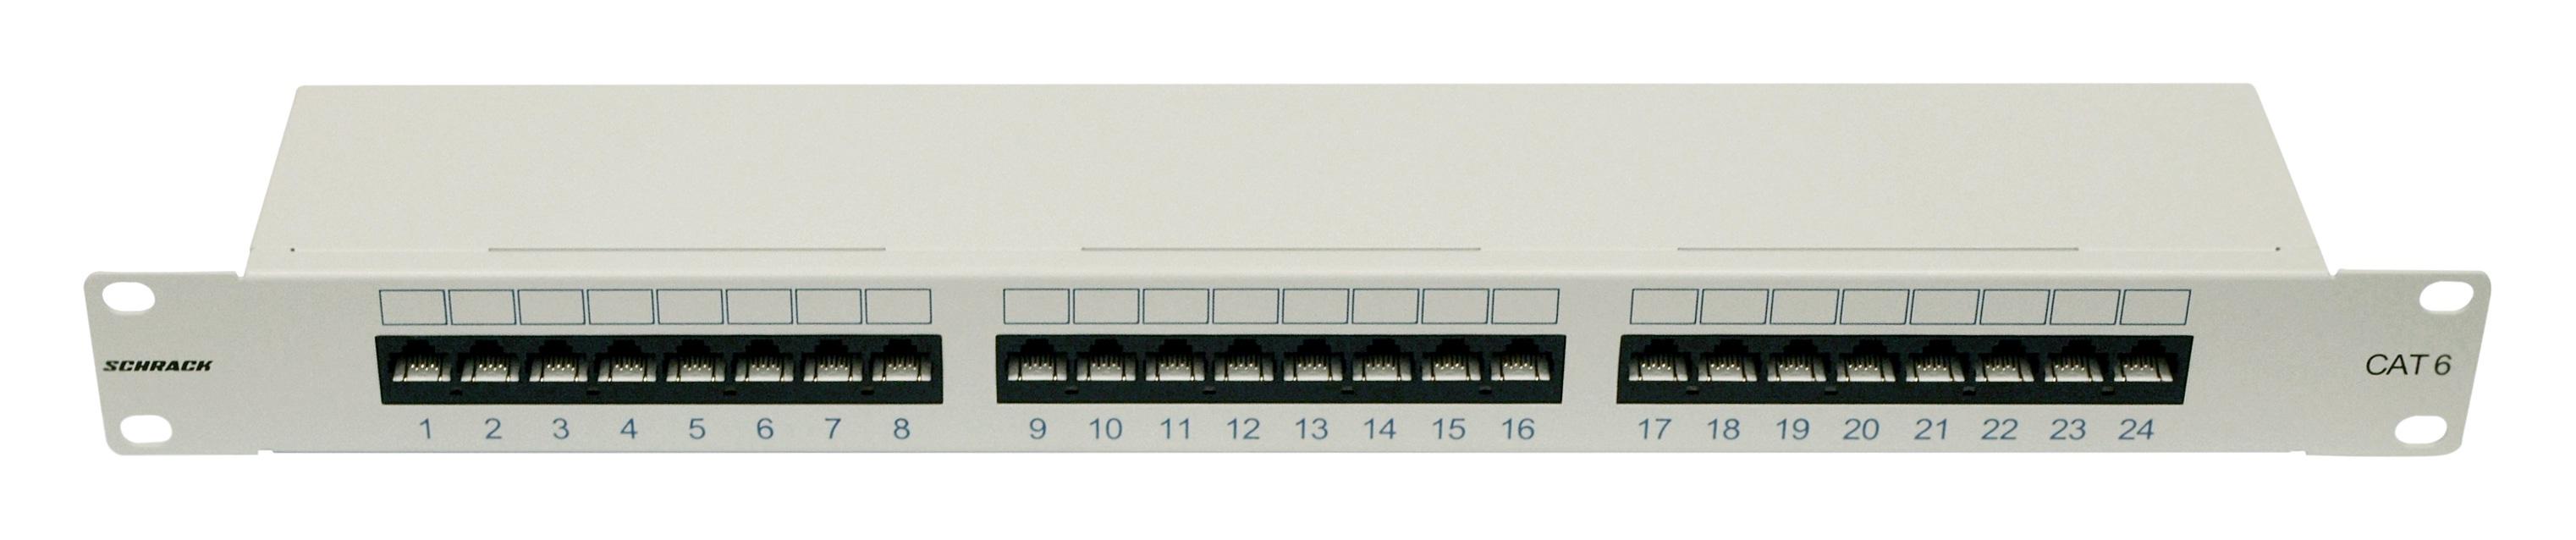 1 Stk Patchpanel 19 24xRJ45 ungeschirmt Cat.6, 1HE, RAL7035 HSERU246GV